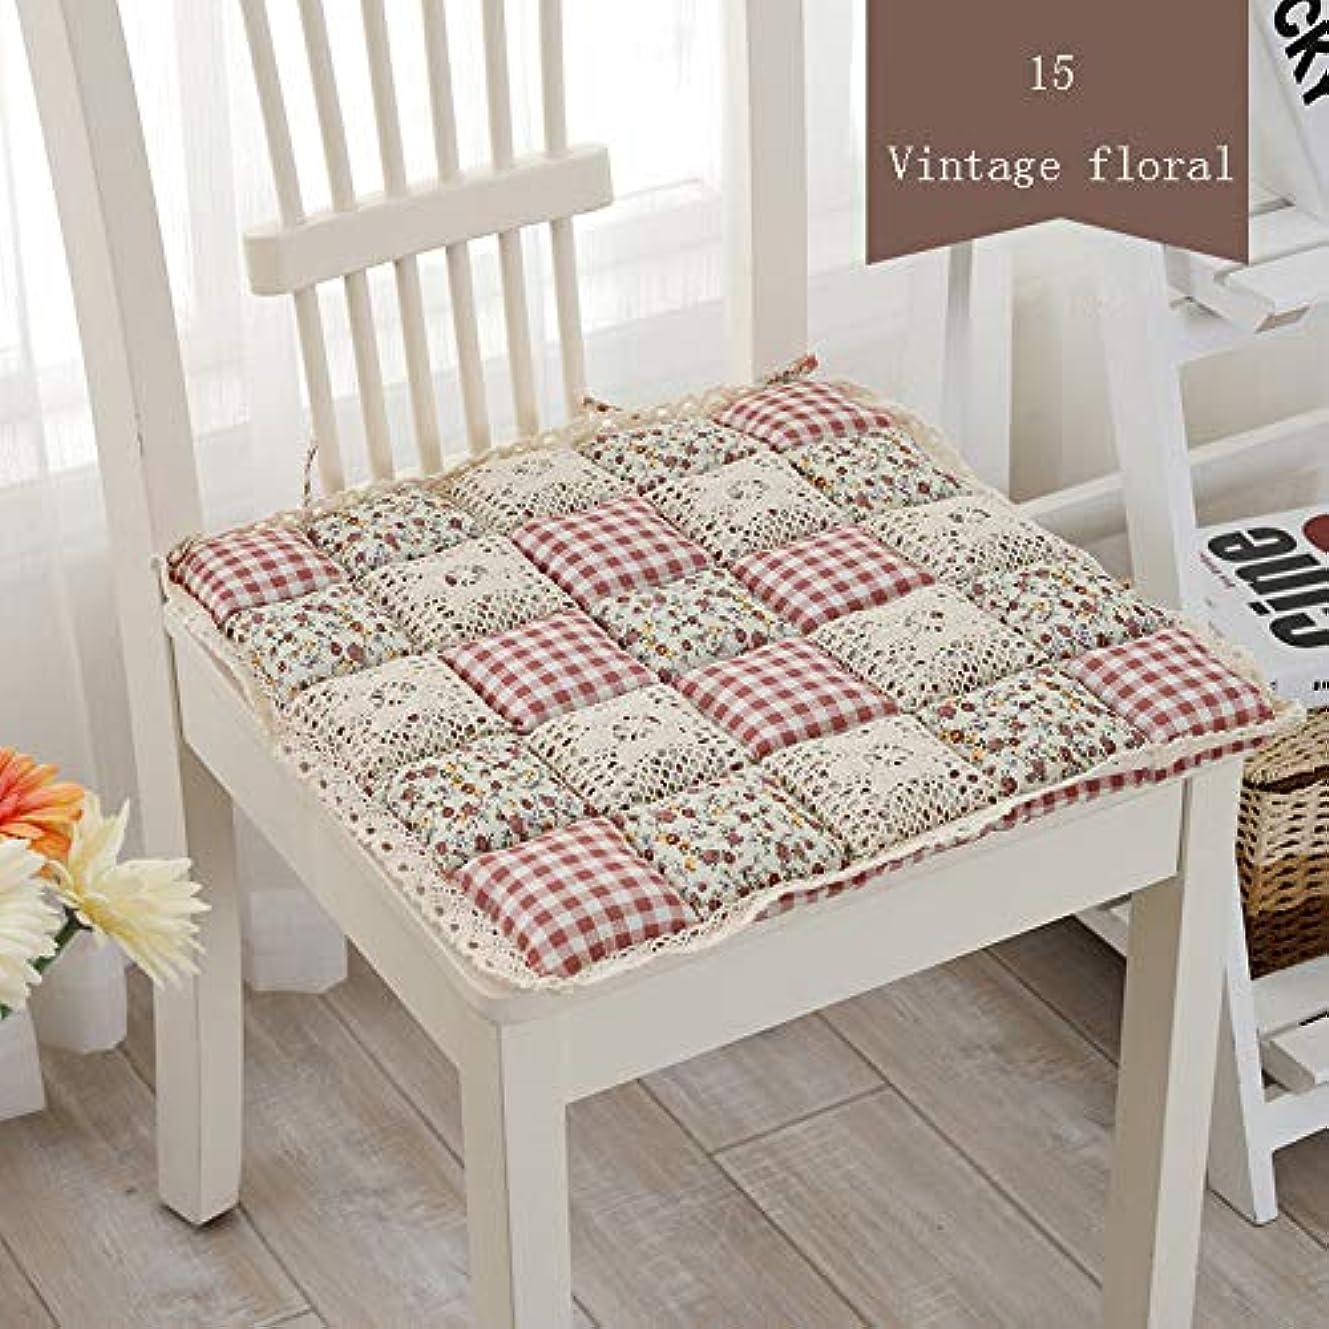 スキャンダルブロックポーズLIFE 1 個抗褥瘡綿椅子クッション 24 色ファッションオフィス正方形クッション学生チェアクッション家の装飾厚み クッション 椅子